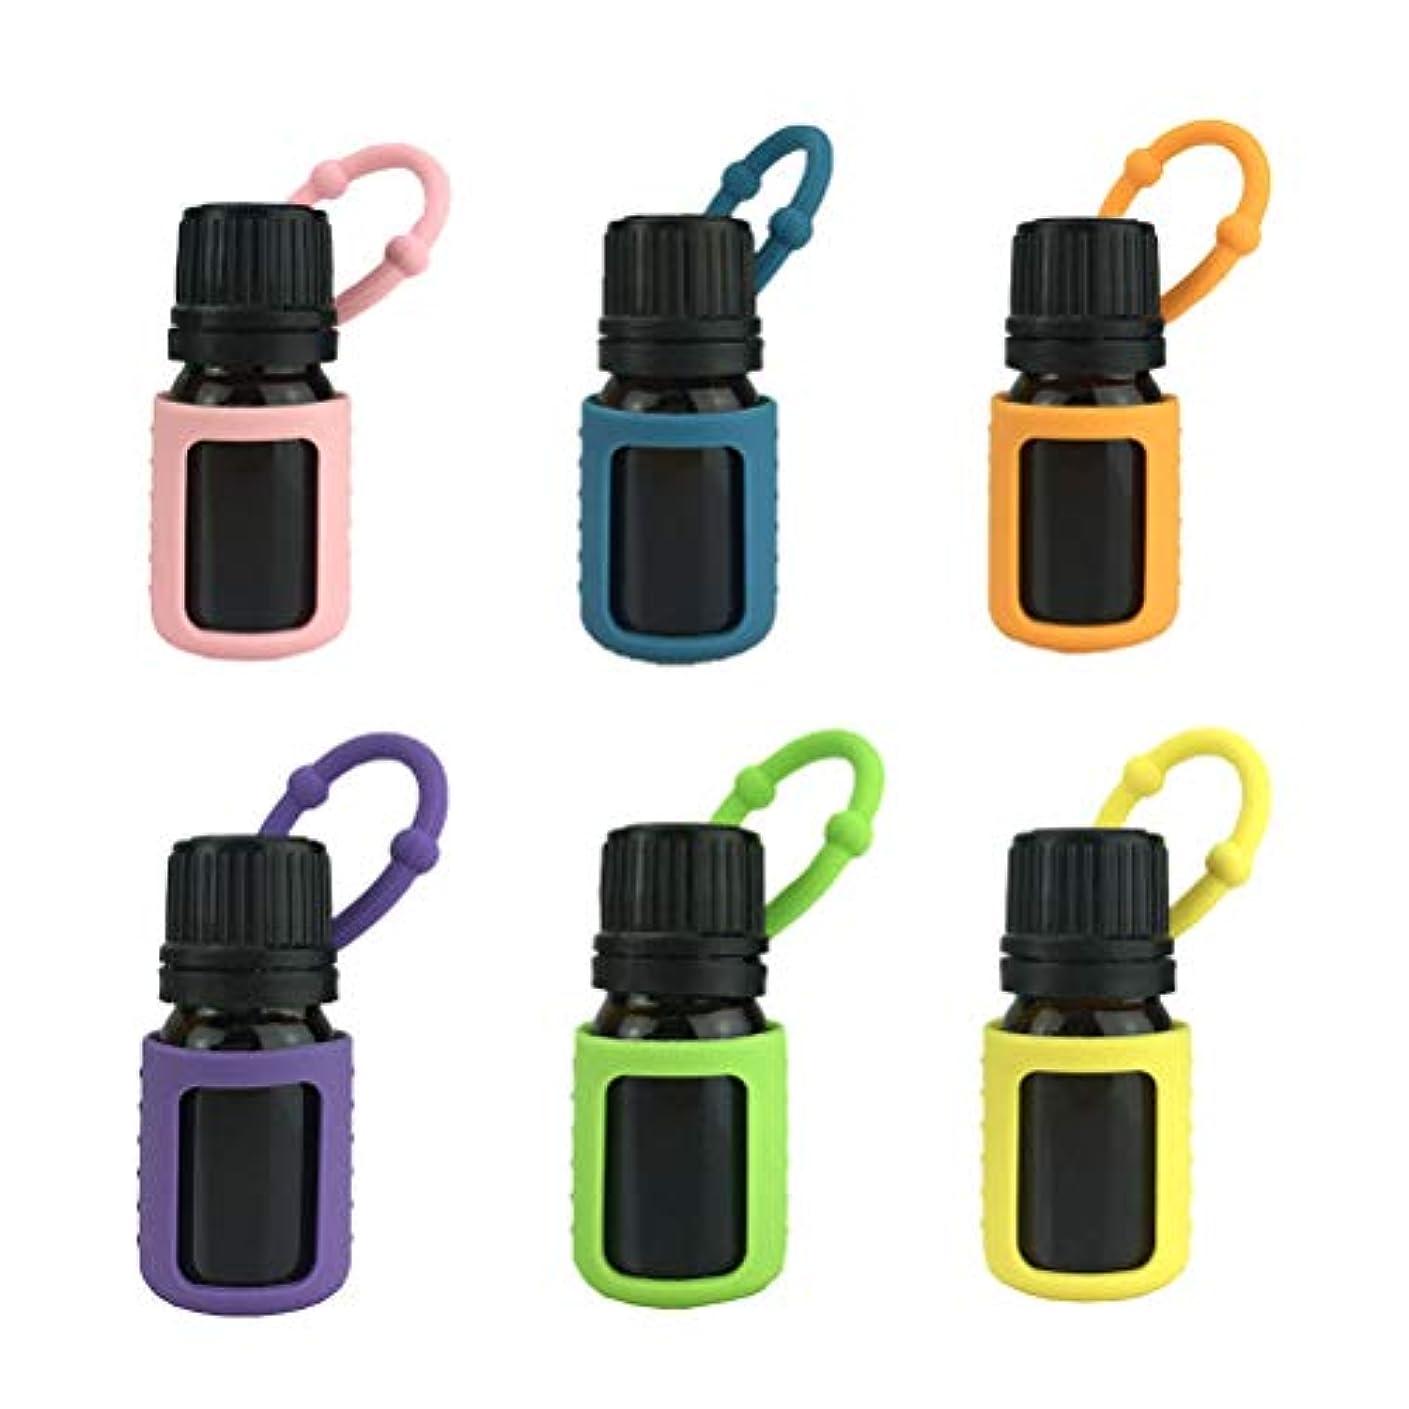 休戦憂慮すべき軸Lurrose エッセンシャルオイルシリコンスリーブオイルボトル保護ケースアロマテラピーアクセサリー5ML 6pcs(ランダムカラー)